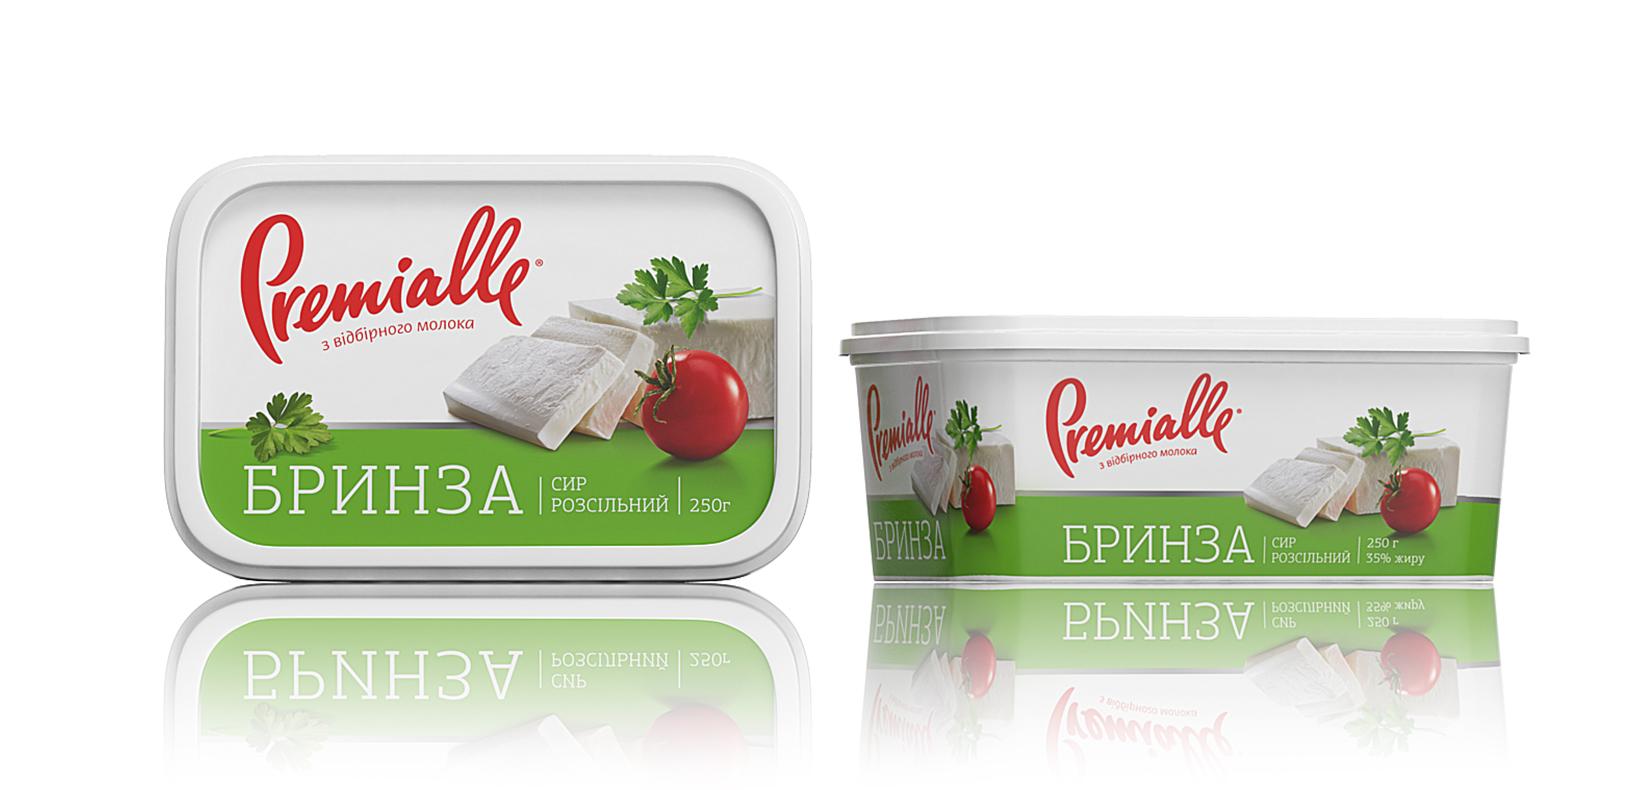 упаковка брынзы Premialle